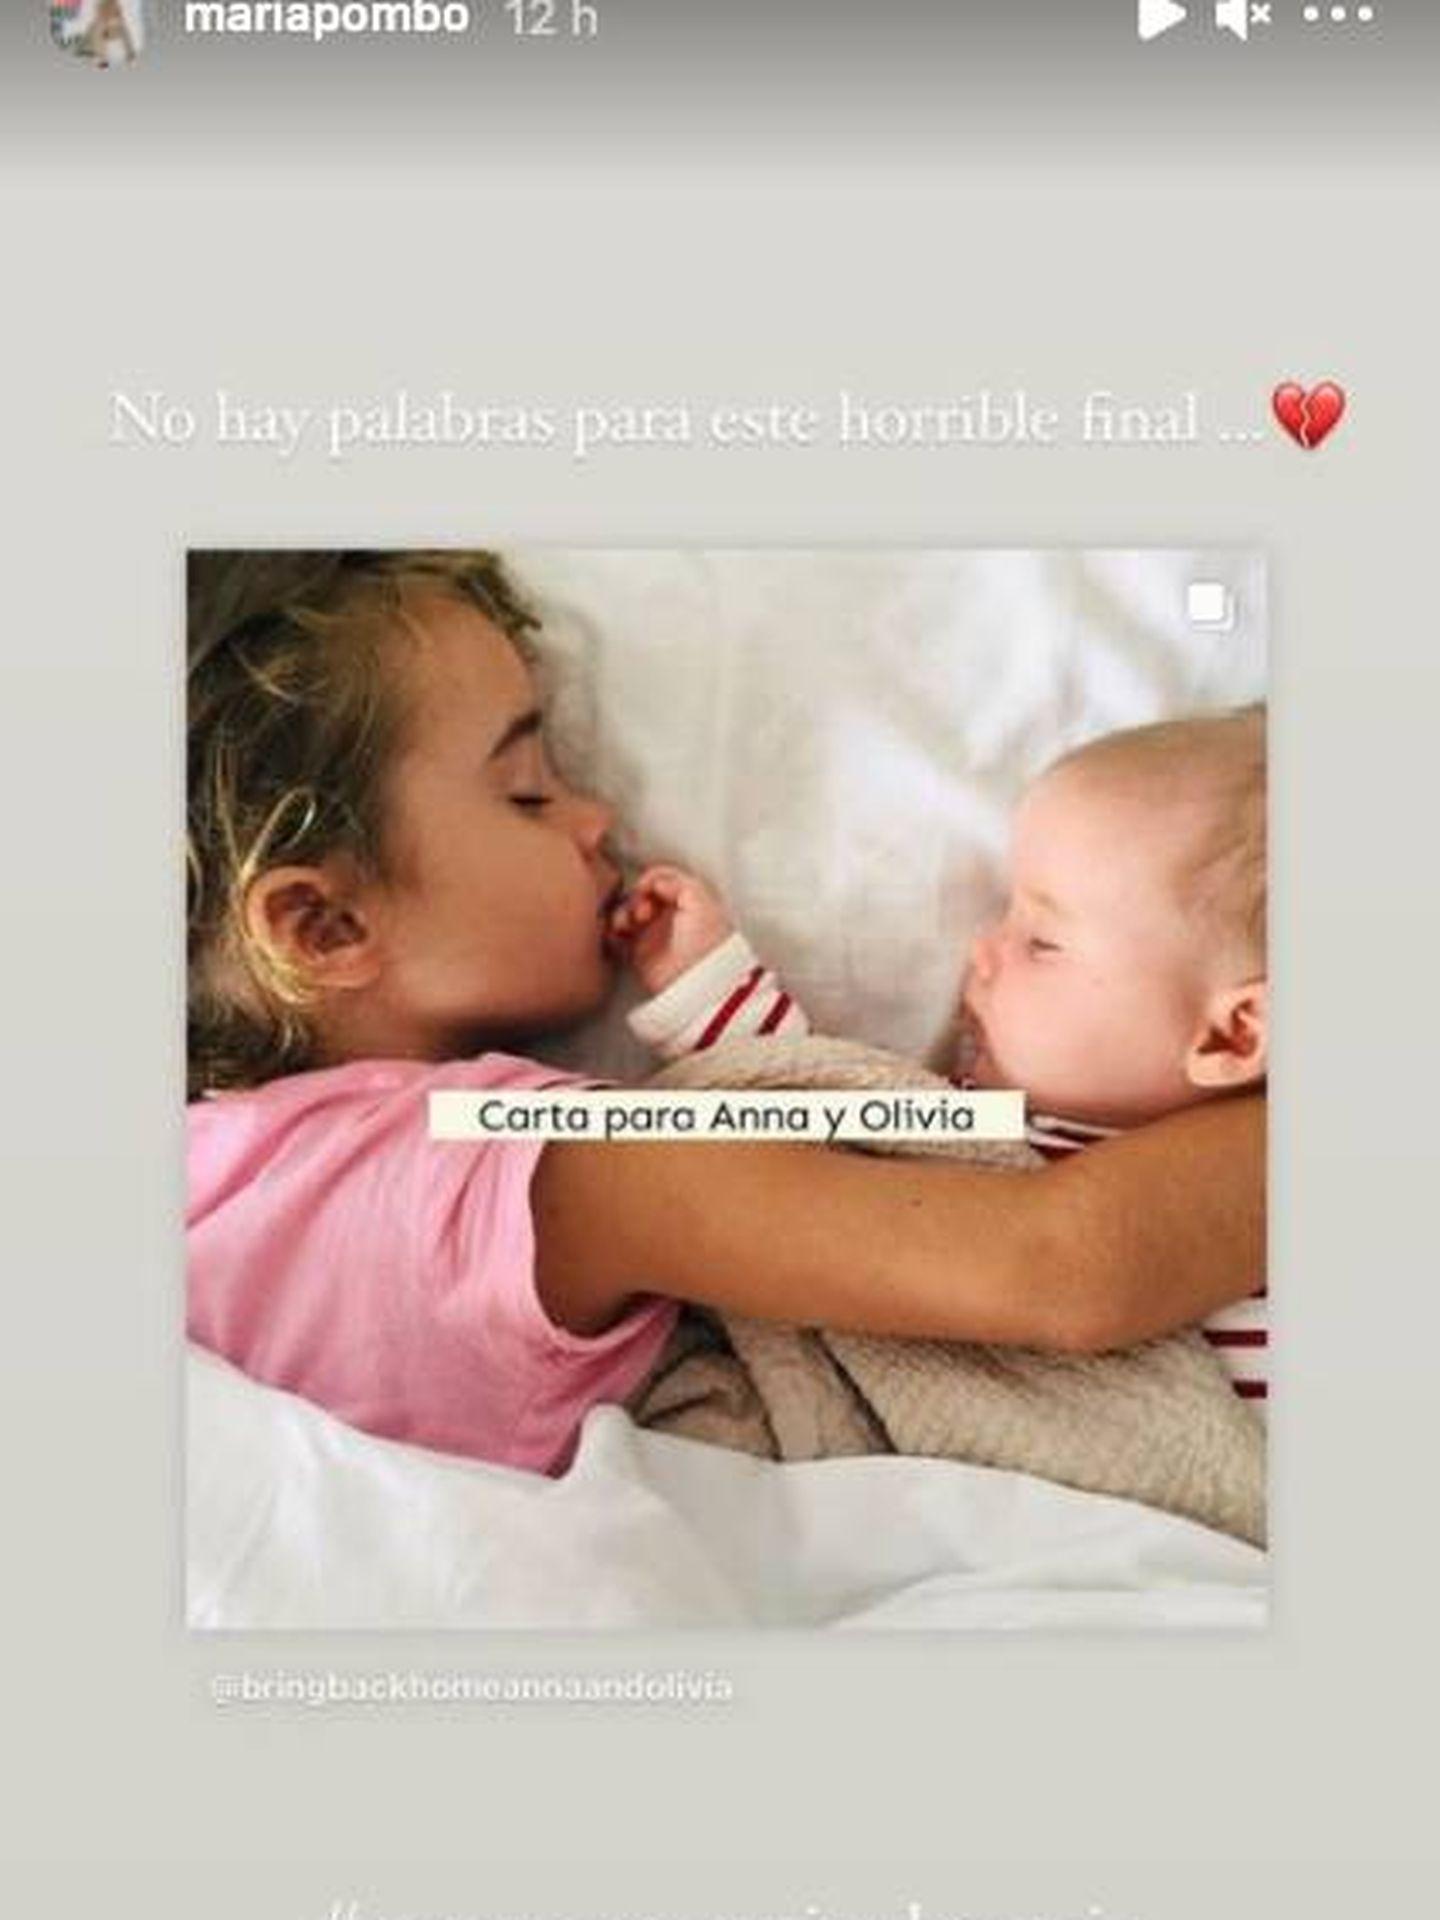 El recuerdo a las niñas de María Pombo. (Instagram @mariapombo)